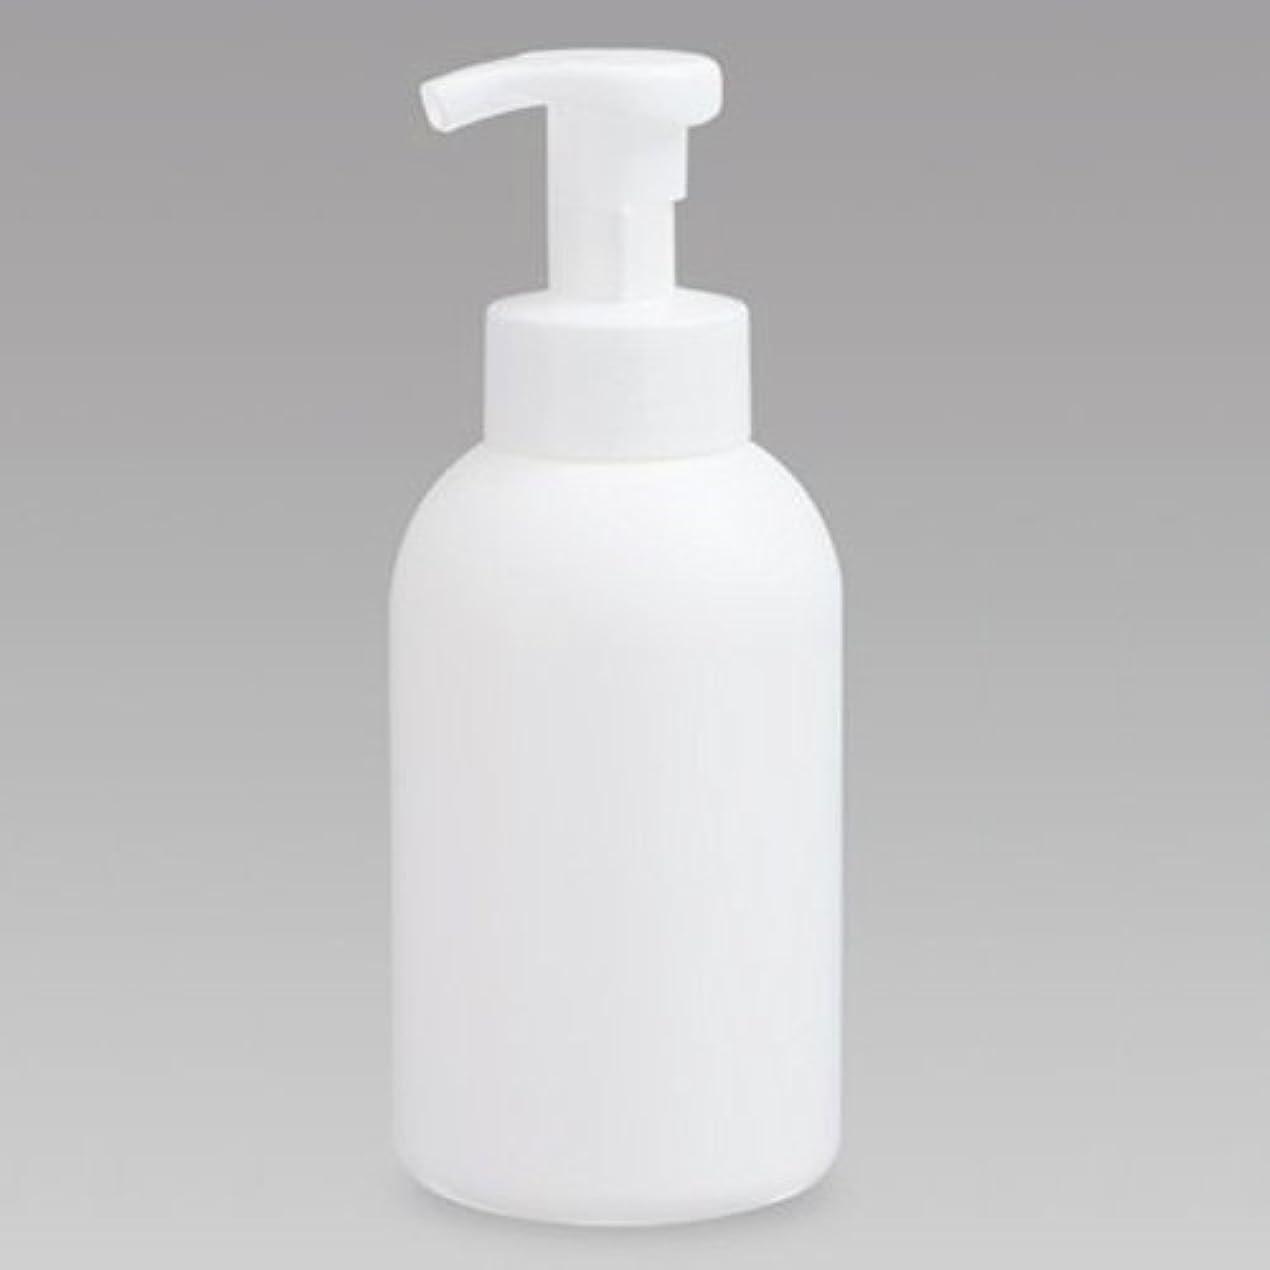 十分式として泡ボトル 泡ポンプボトル 500mL(PE) ホワイト 詰め替え 詰替 泡ハンドソープ 全身石鹸 ボディソープ 洗顔フォーム